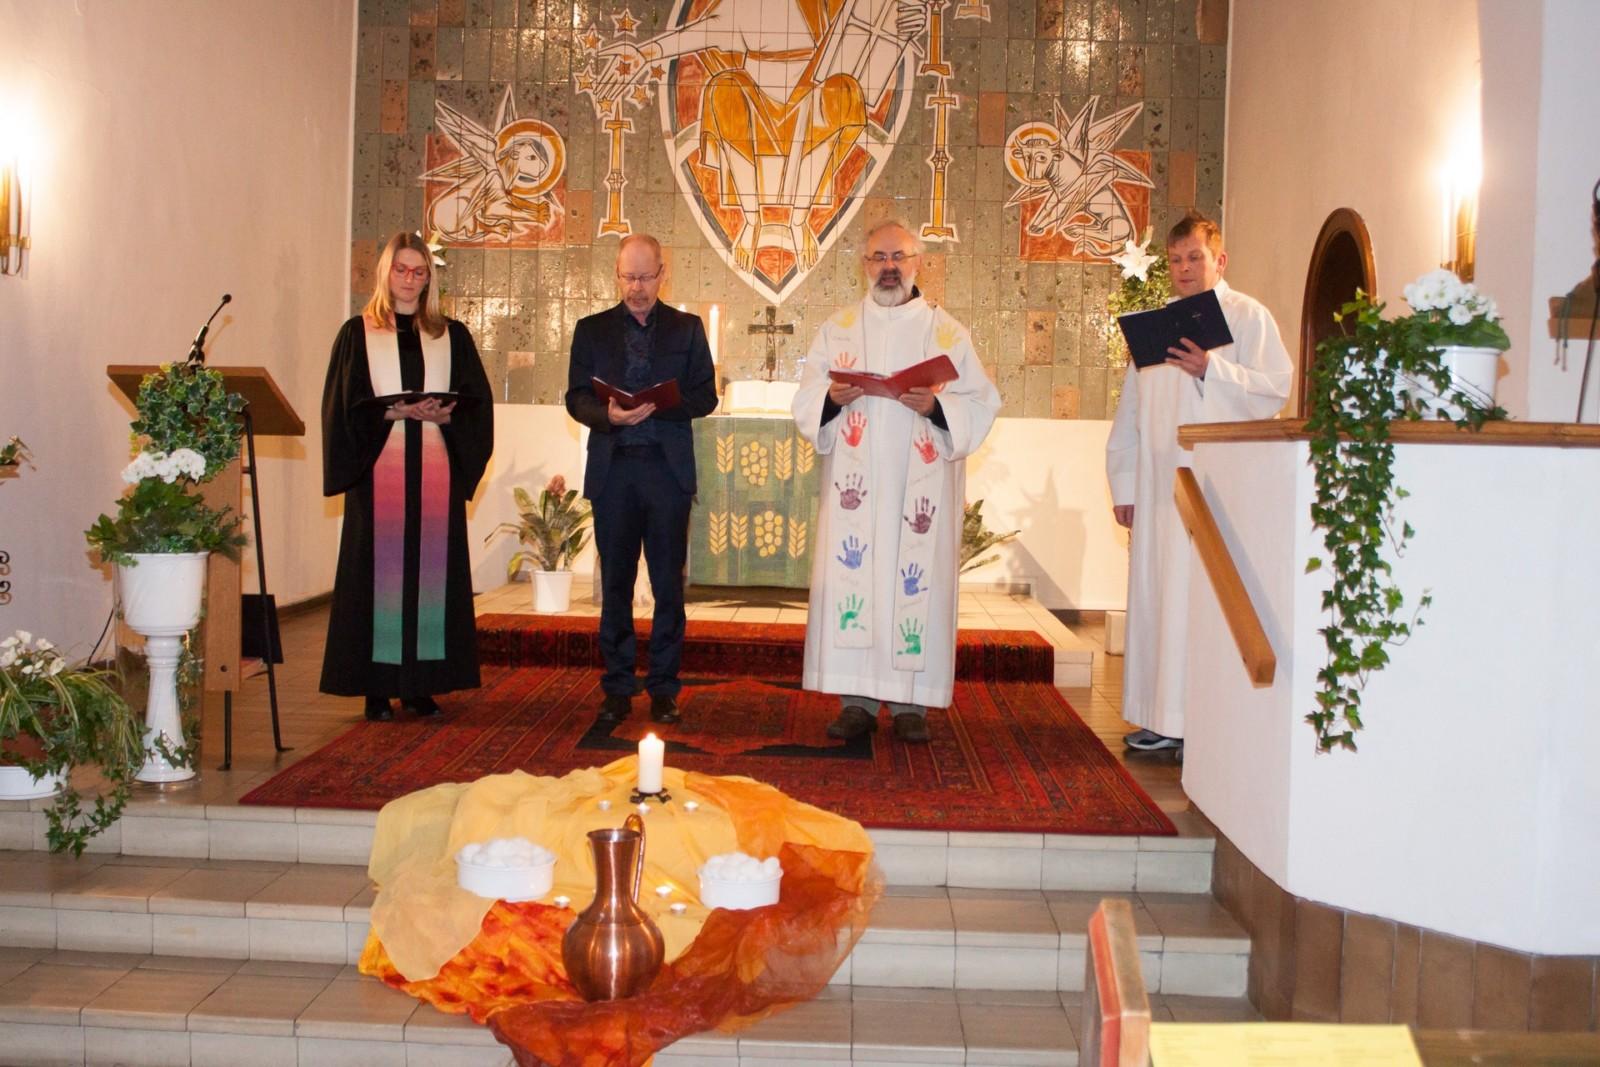 20180123 Ökumenischer Gottesdienst Christuskirche 001